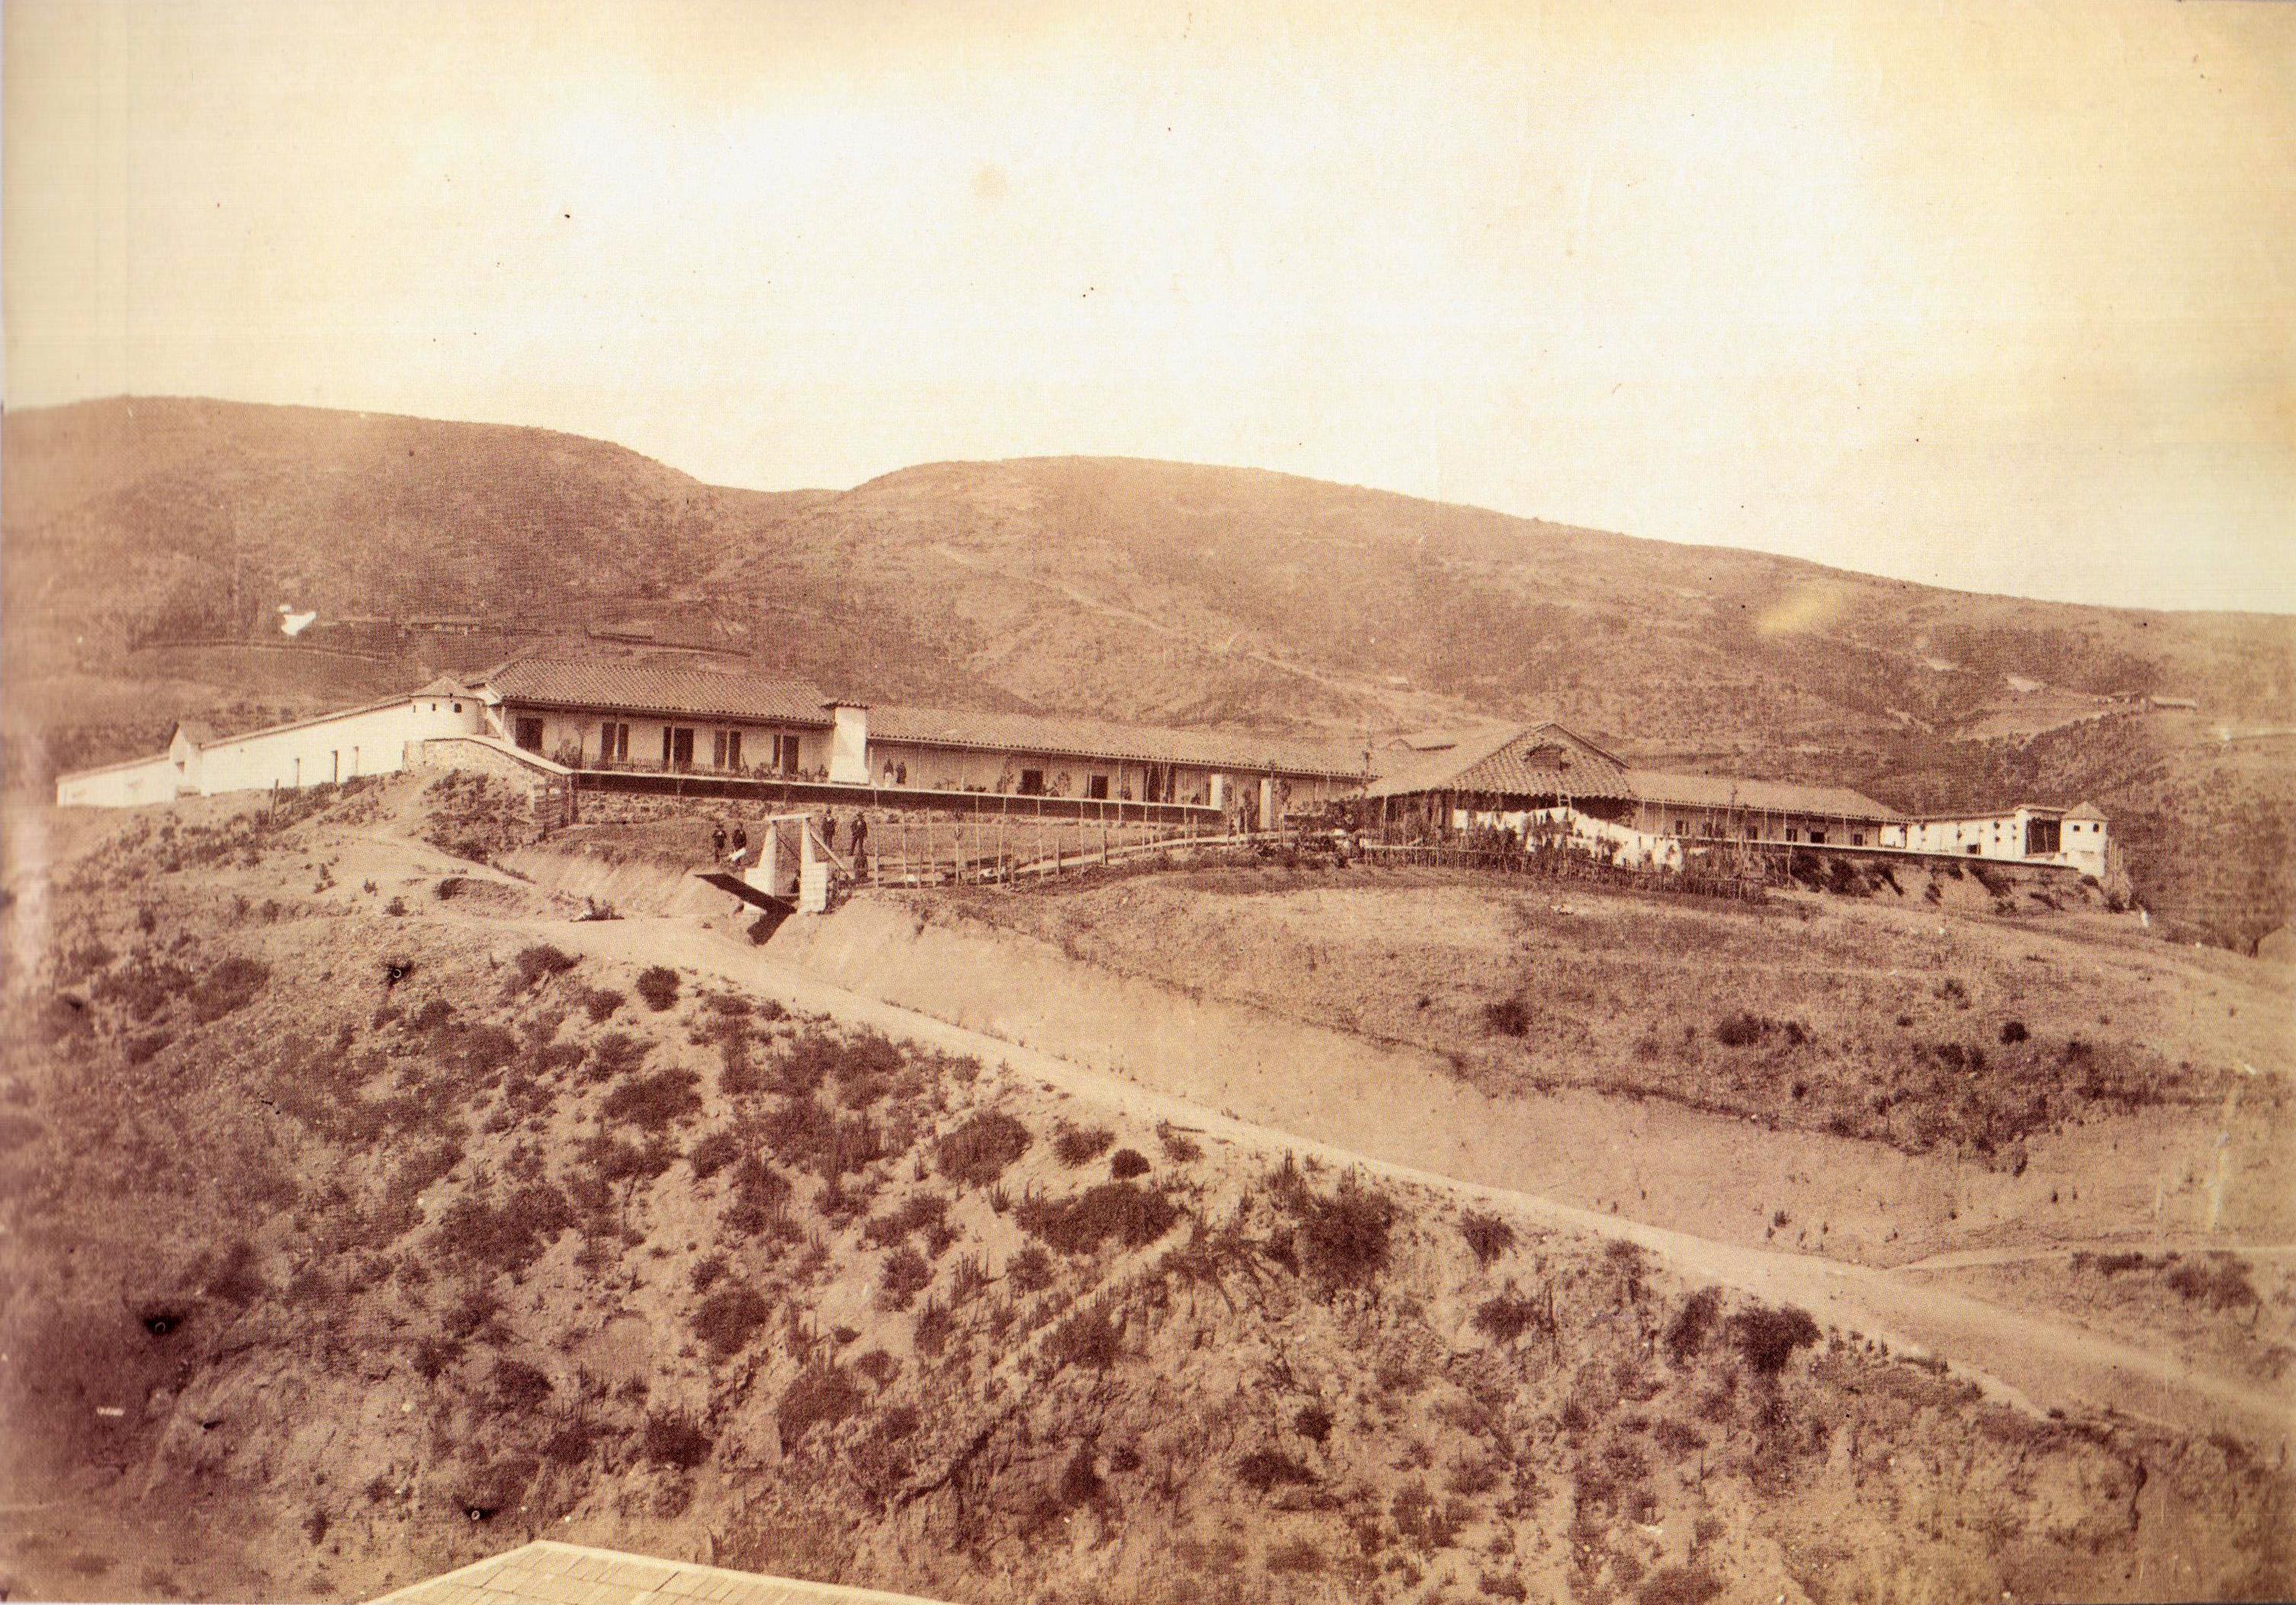 Enterreno - Fotos históricas de chile - fotos antiguas de Chile - Carcel de Valparaíso en el Cerro Cárcel, 1863